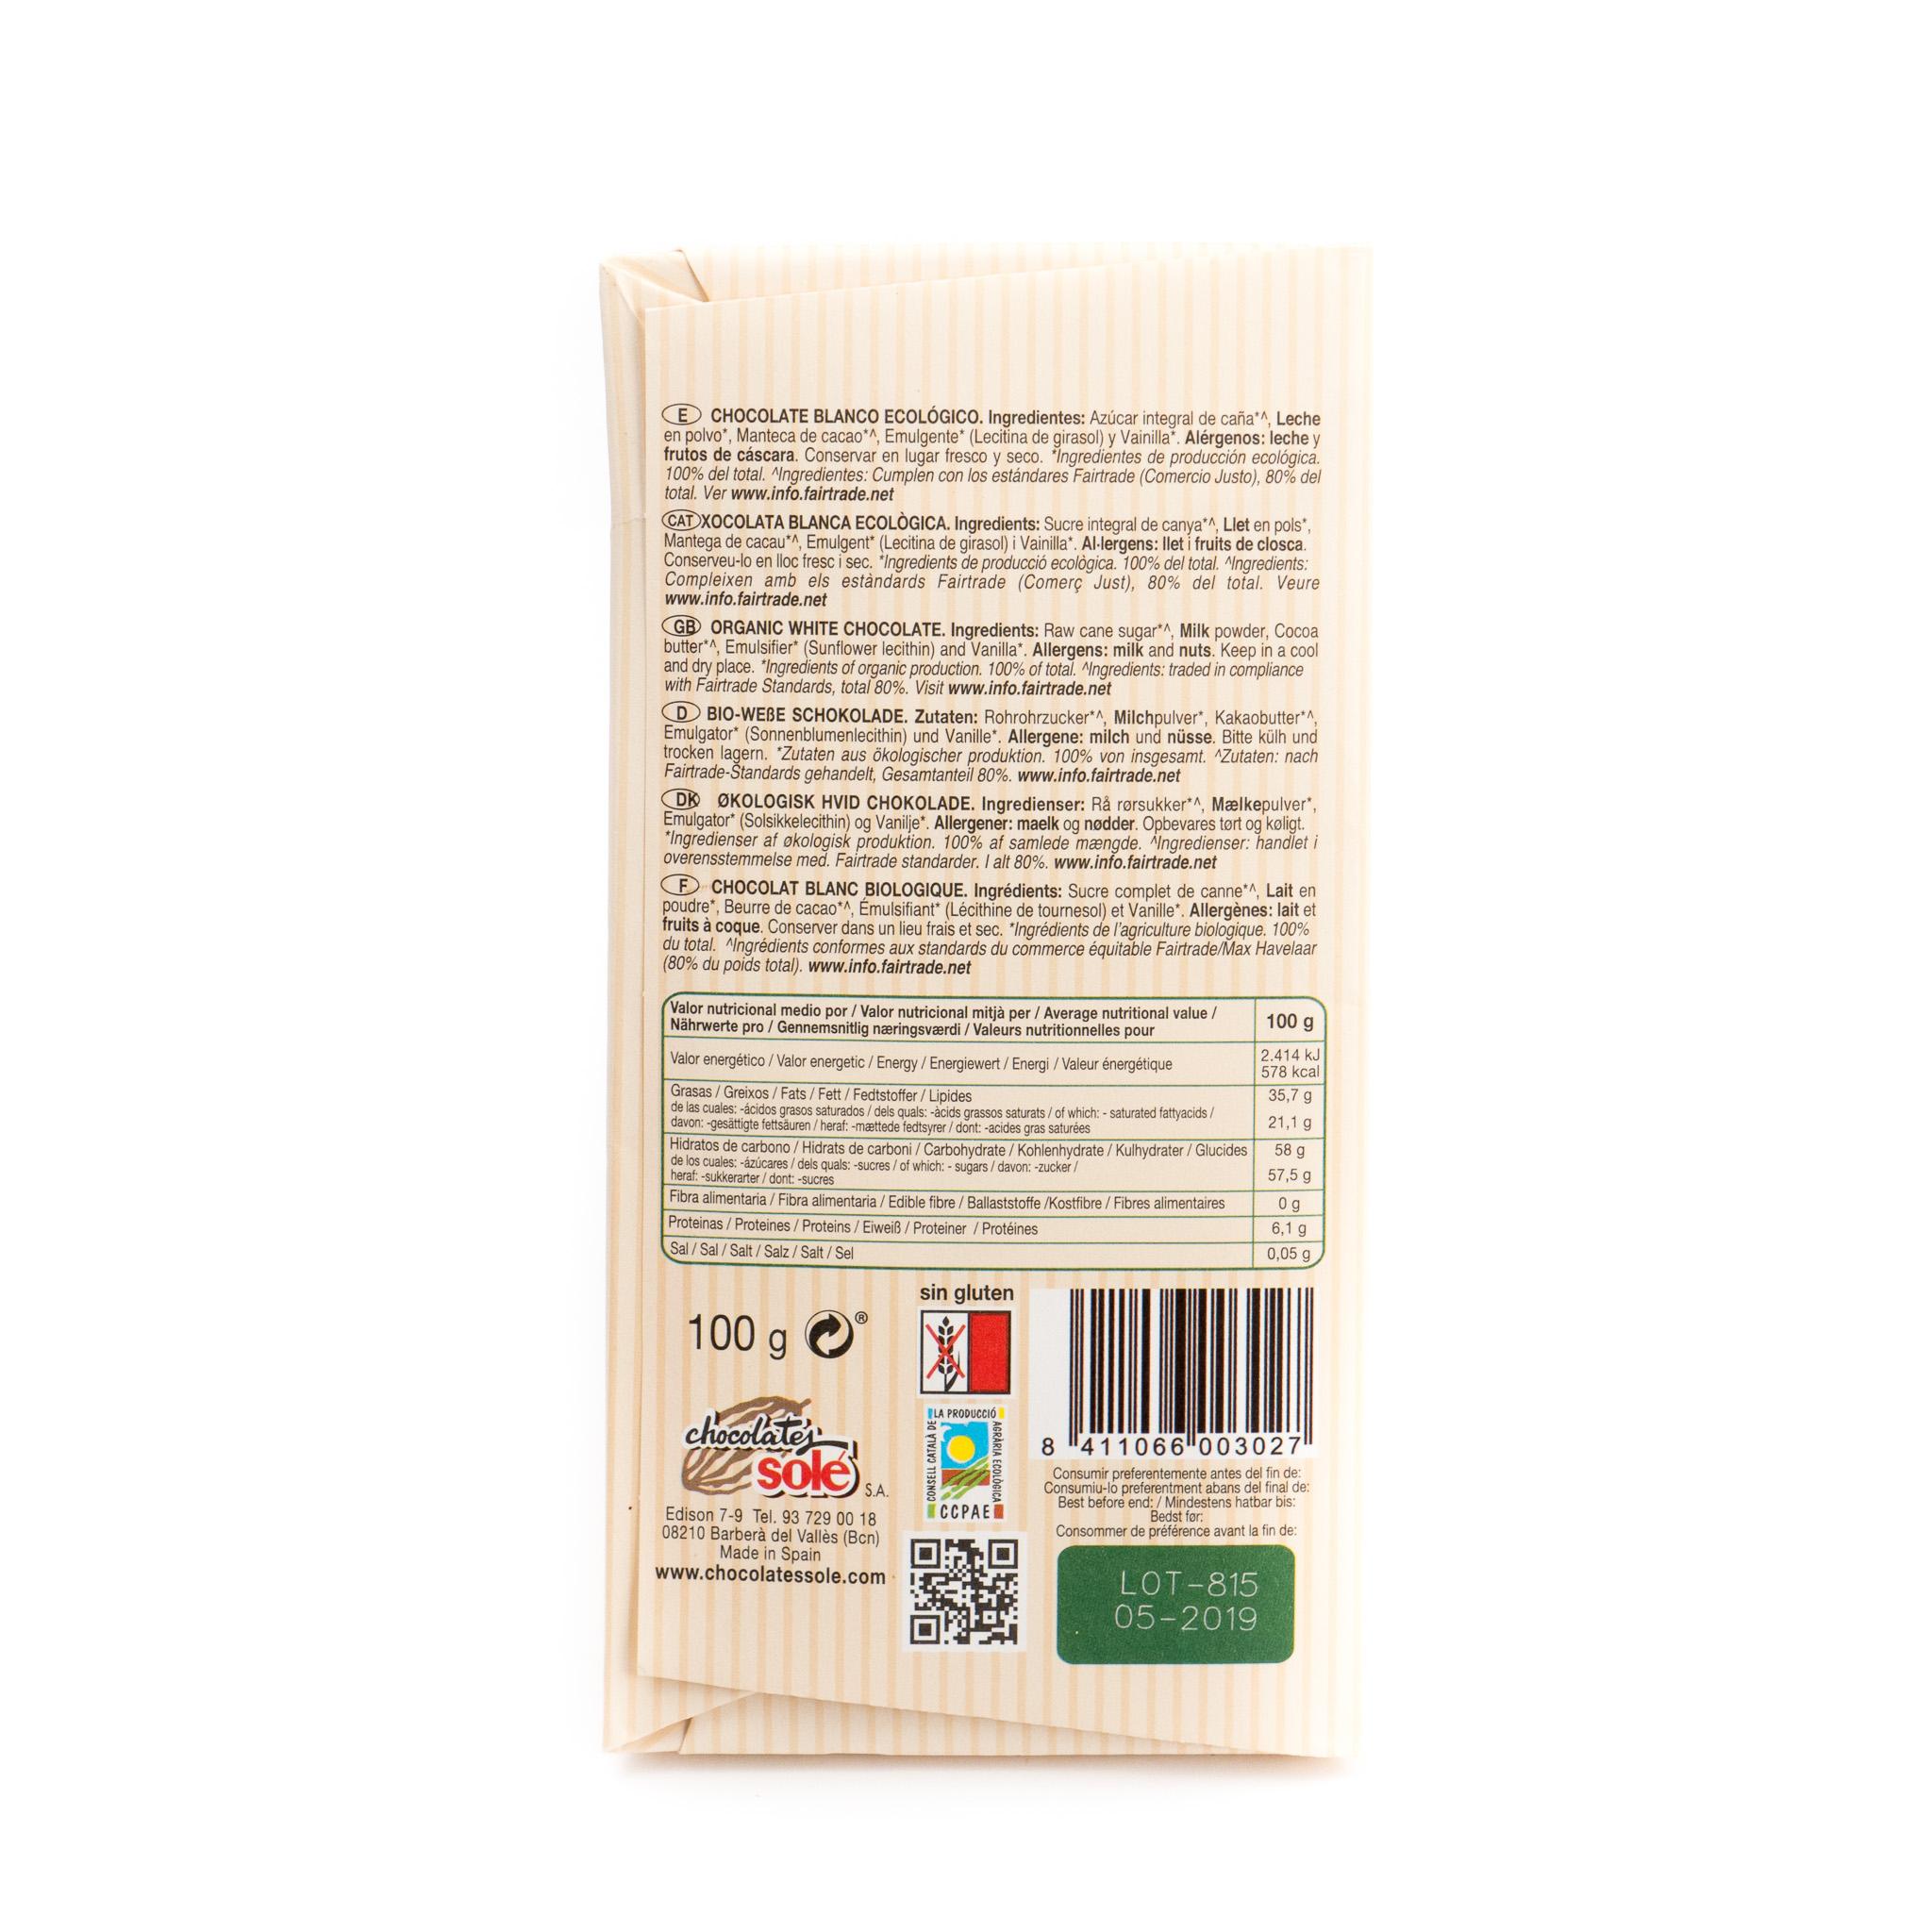 Chocolate blanco ecológico